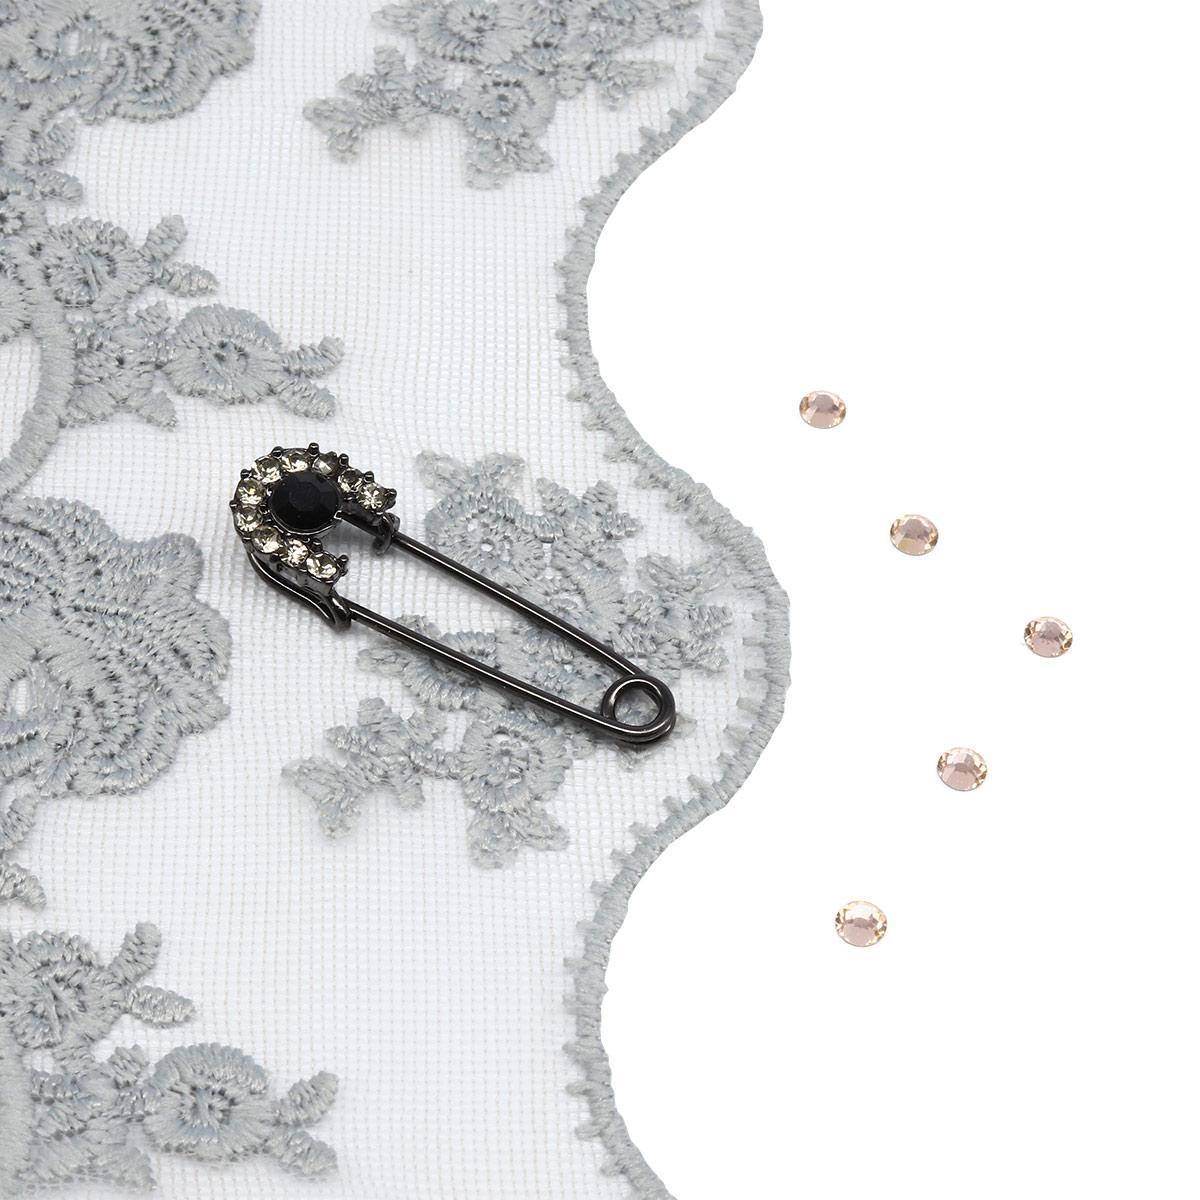 Брошь-булавка 220177, цвет #6 черный никель, Hobby&Pro